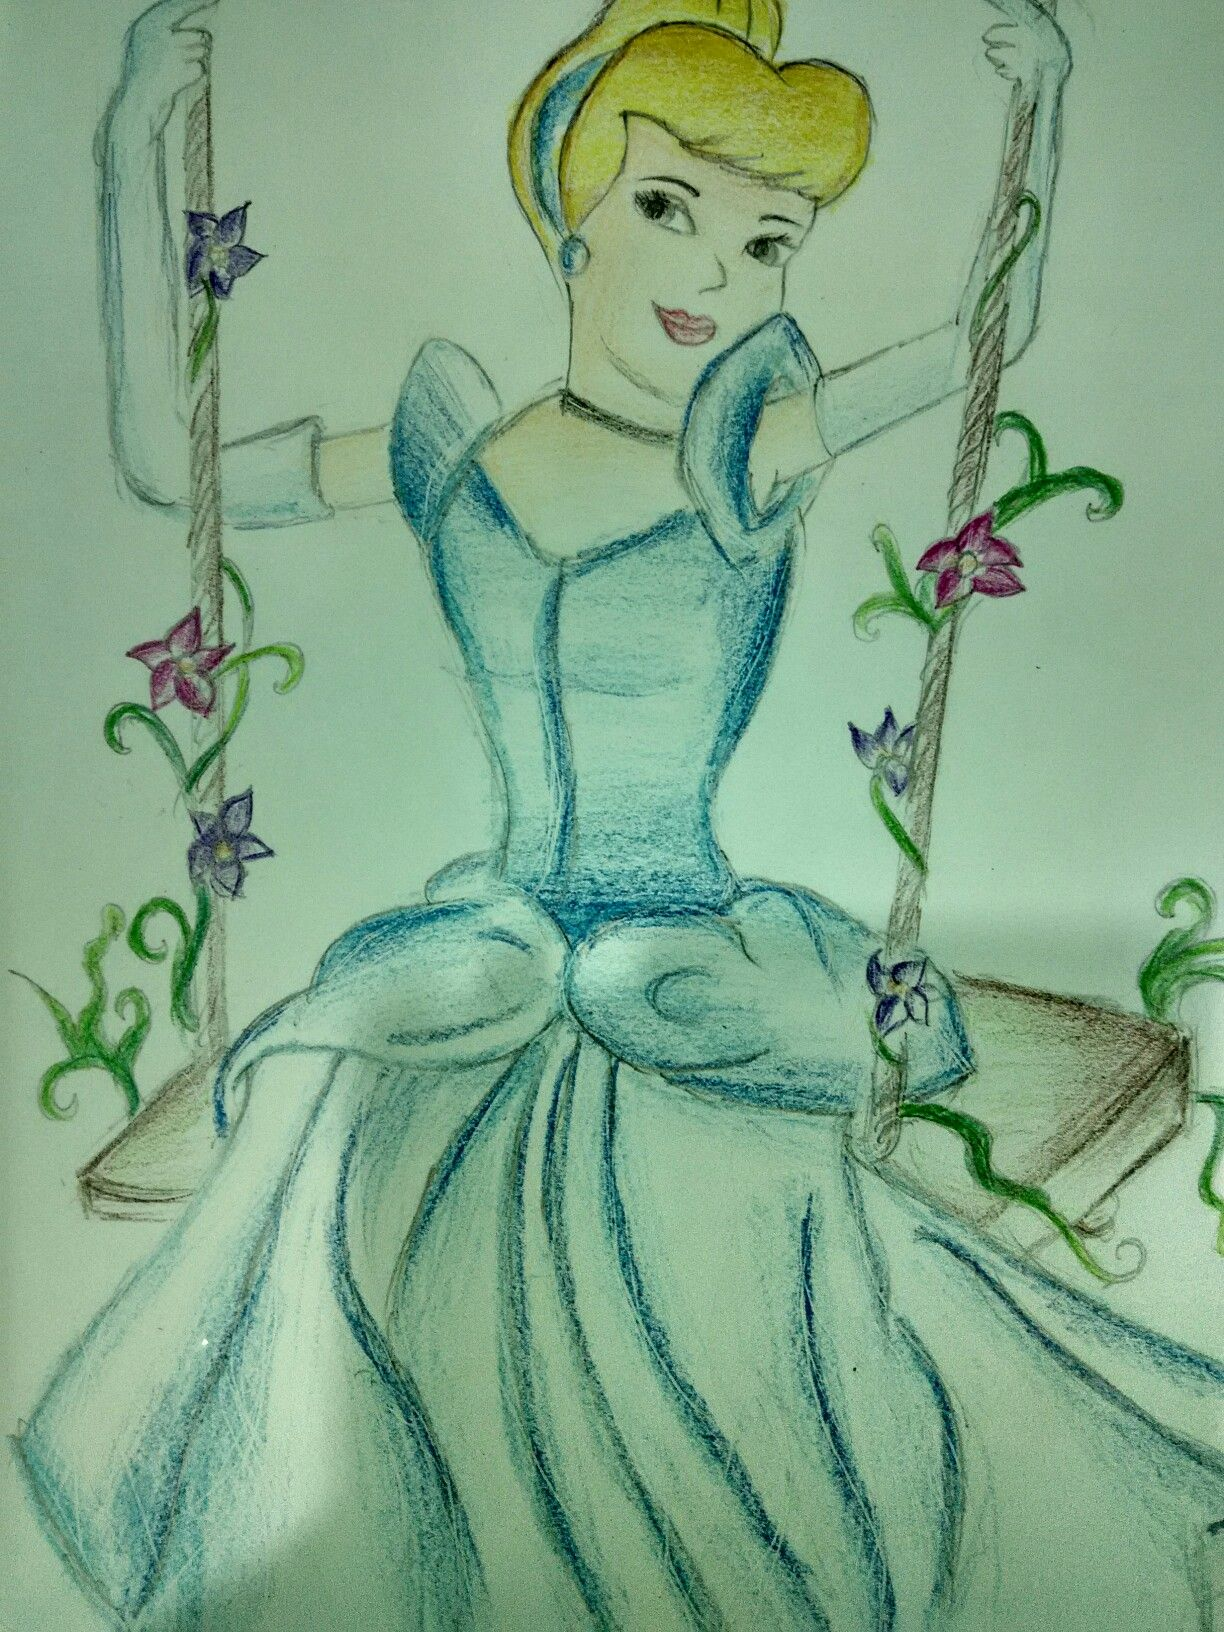 Cinderella On The Swing Colour Pencil Sketch Cinderella Drawing Color Pencil Sketch Easy Drawings Cinderella Drawing